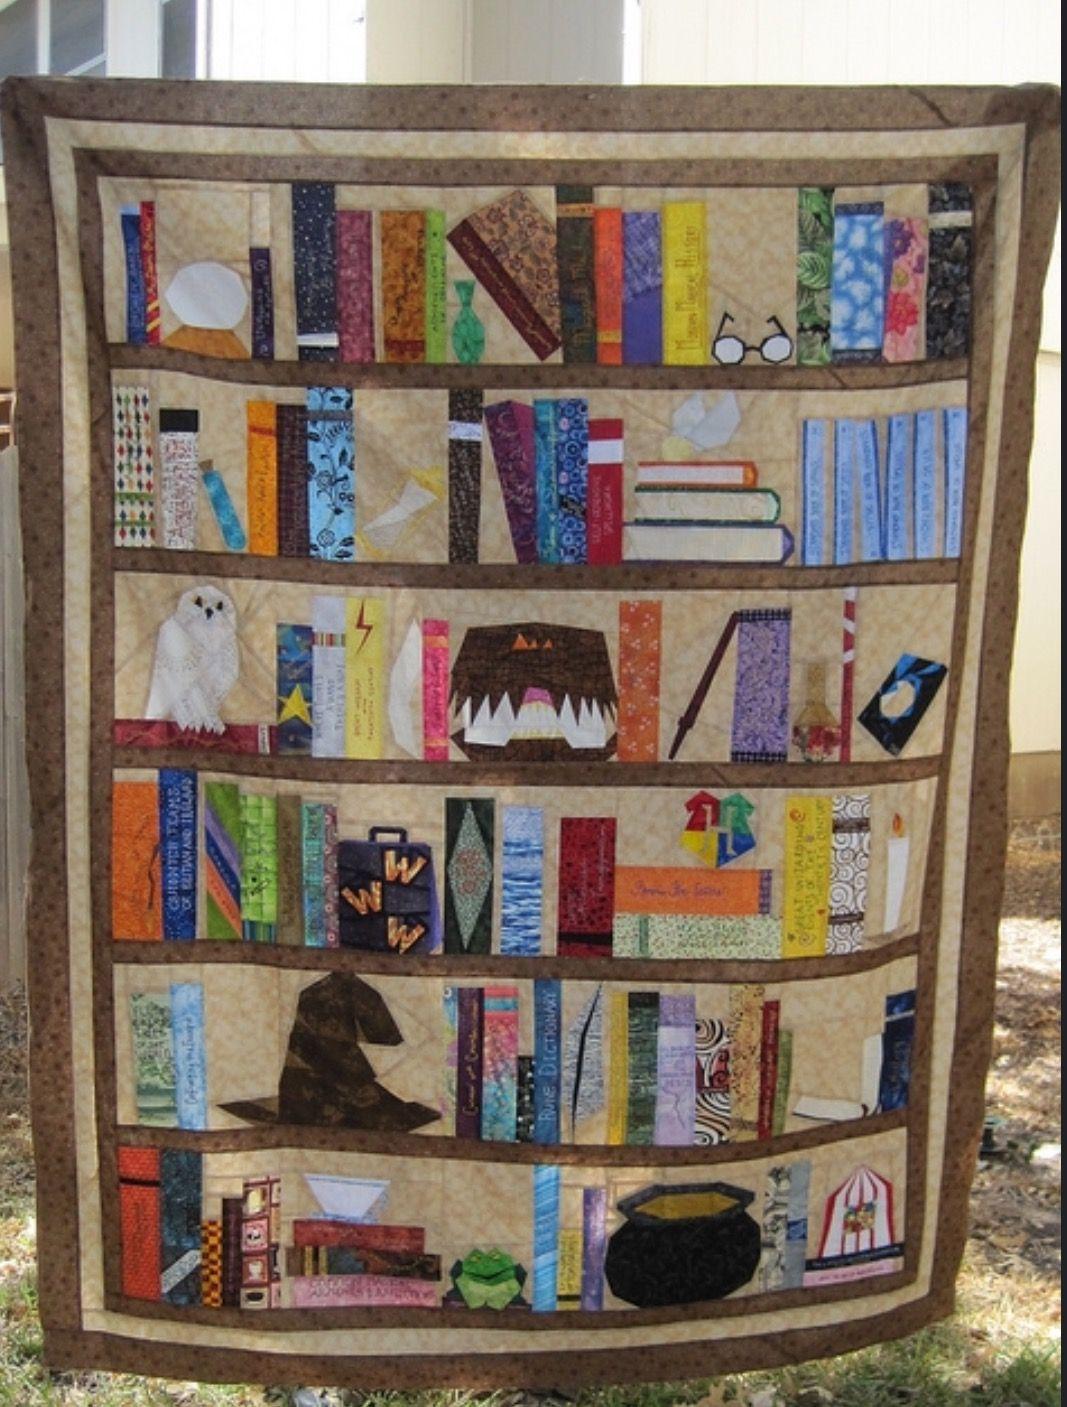 Pin by Cheryl Plummer on Graduation Party Ideas | Pinterest ... : harry potter quilt - Adamdwight.com